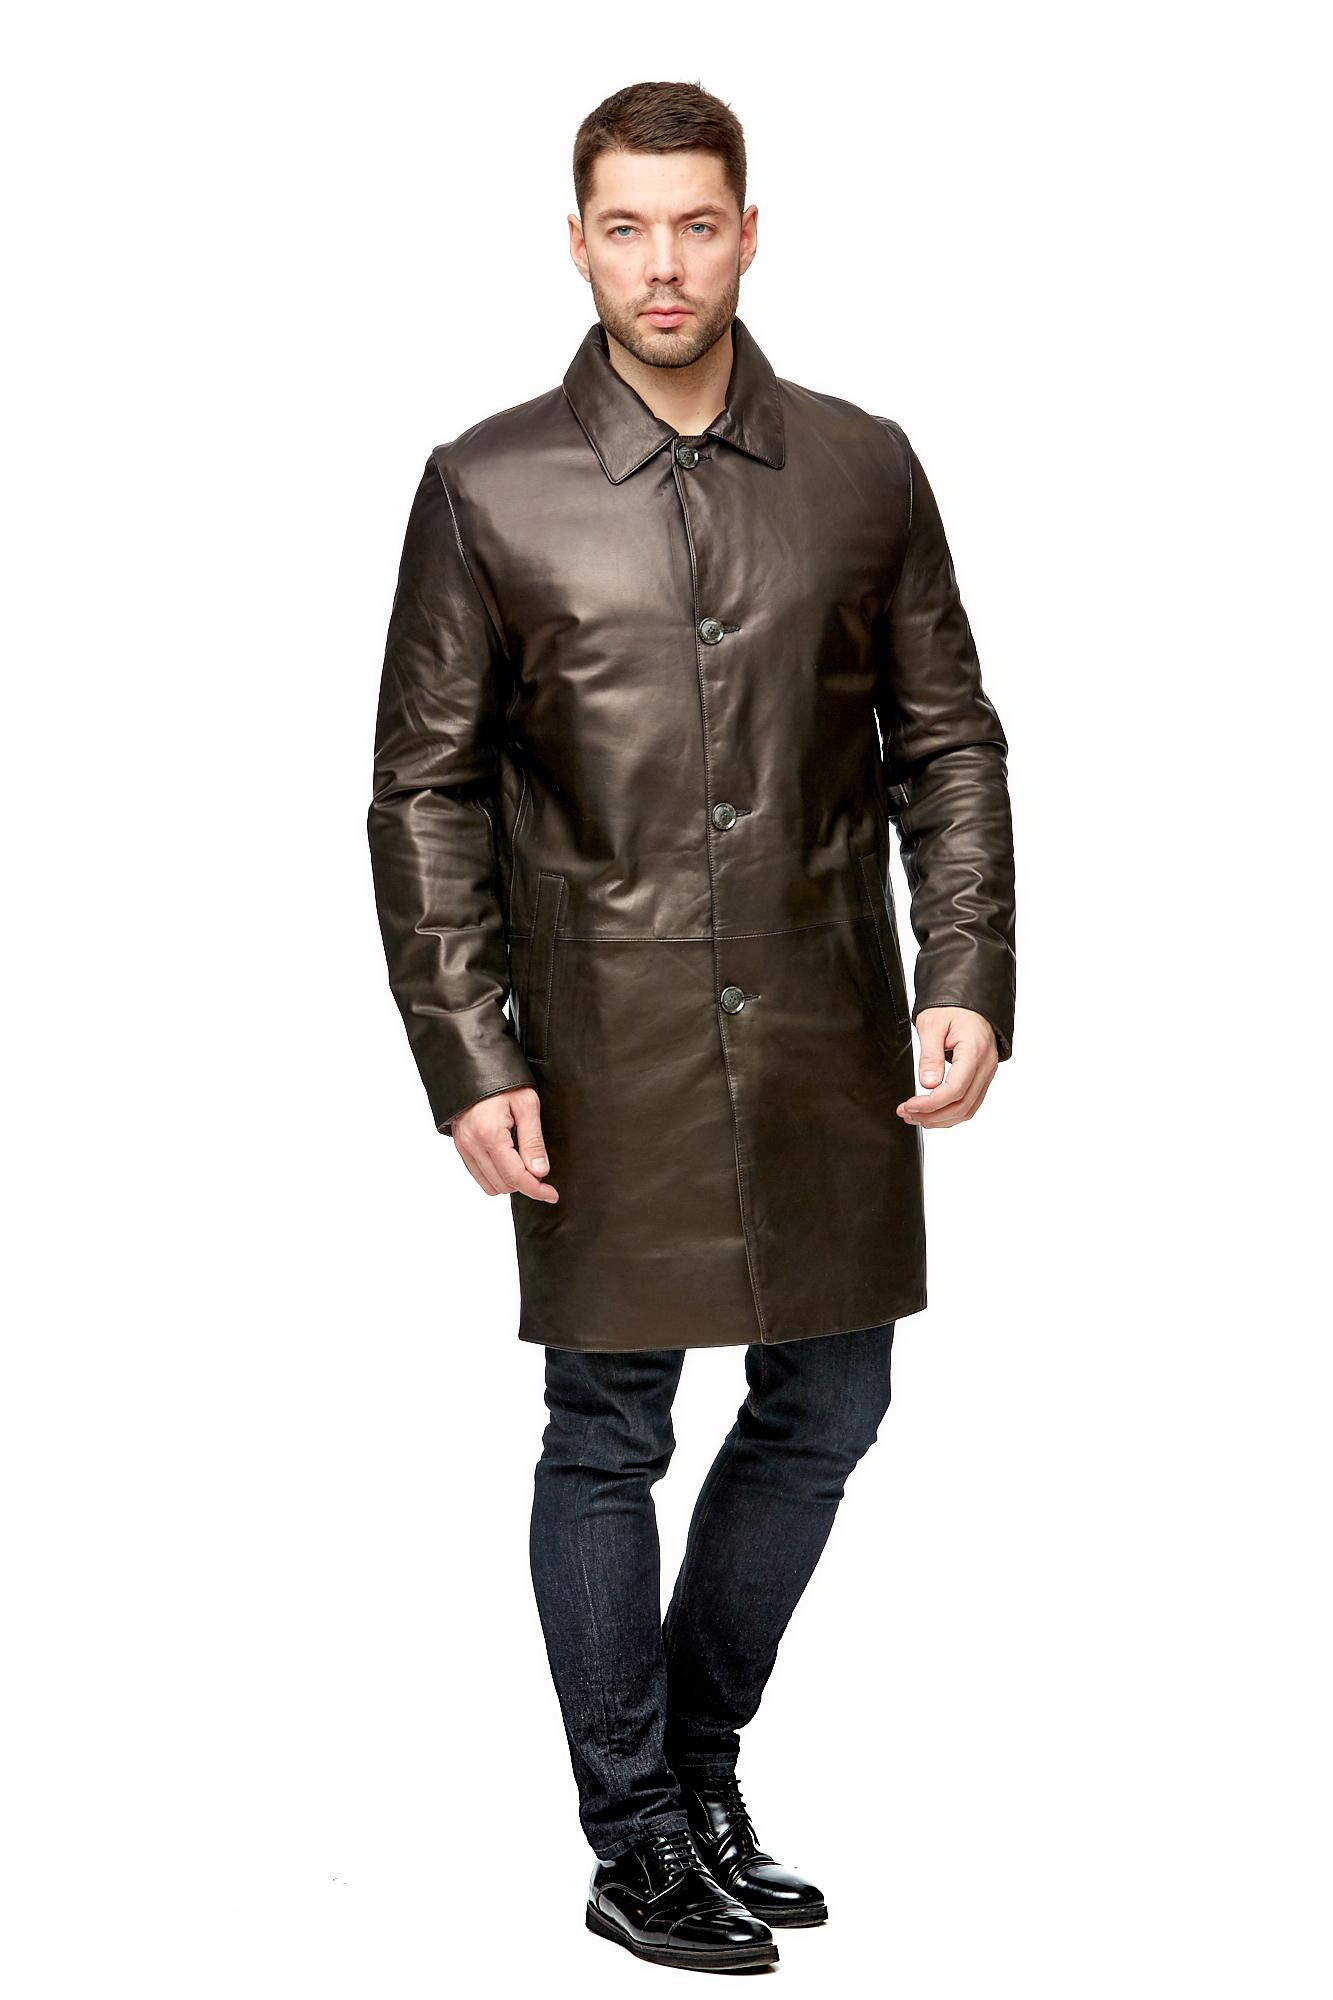 Мужское кожаное пальто из натуральной кожи с воротником